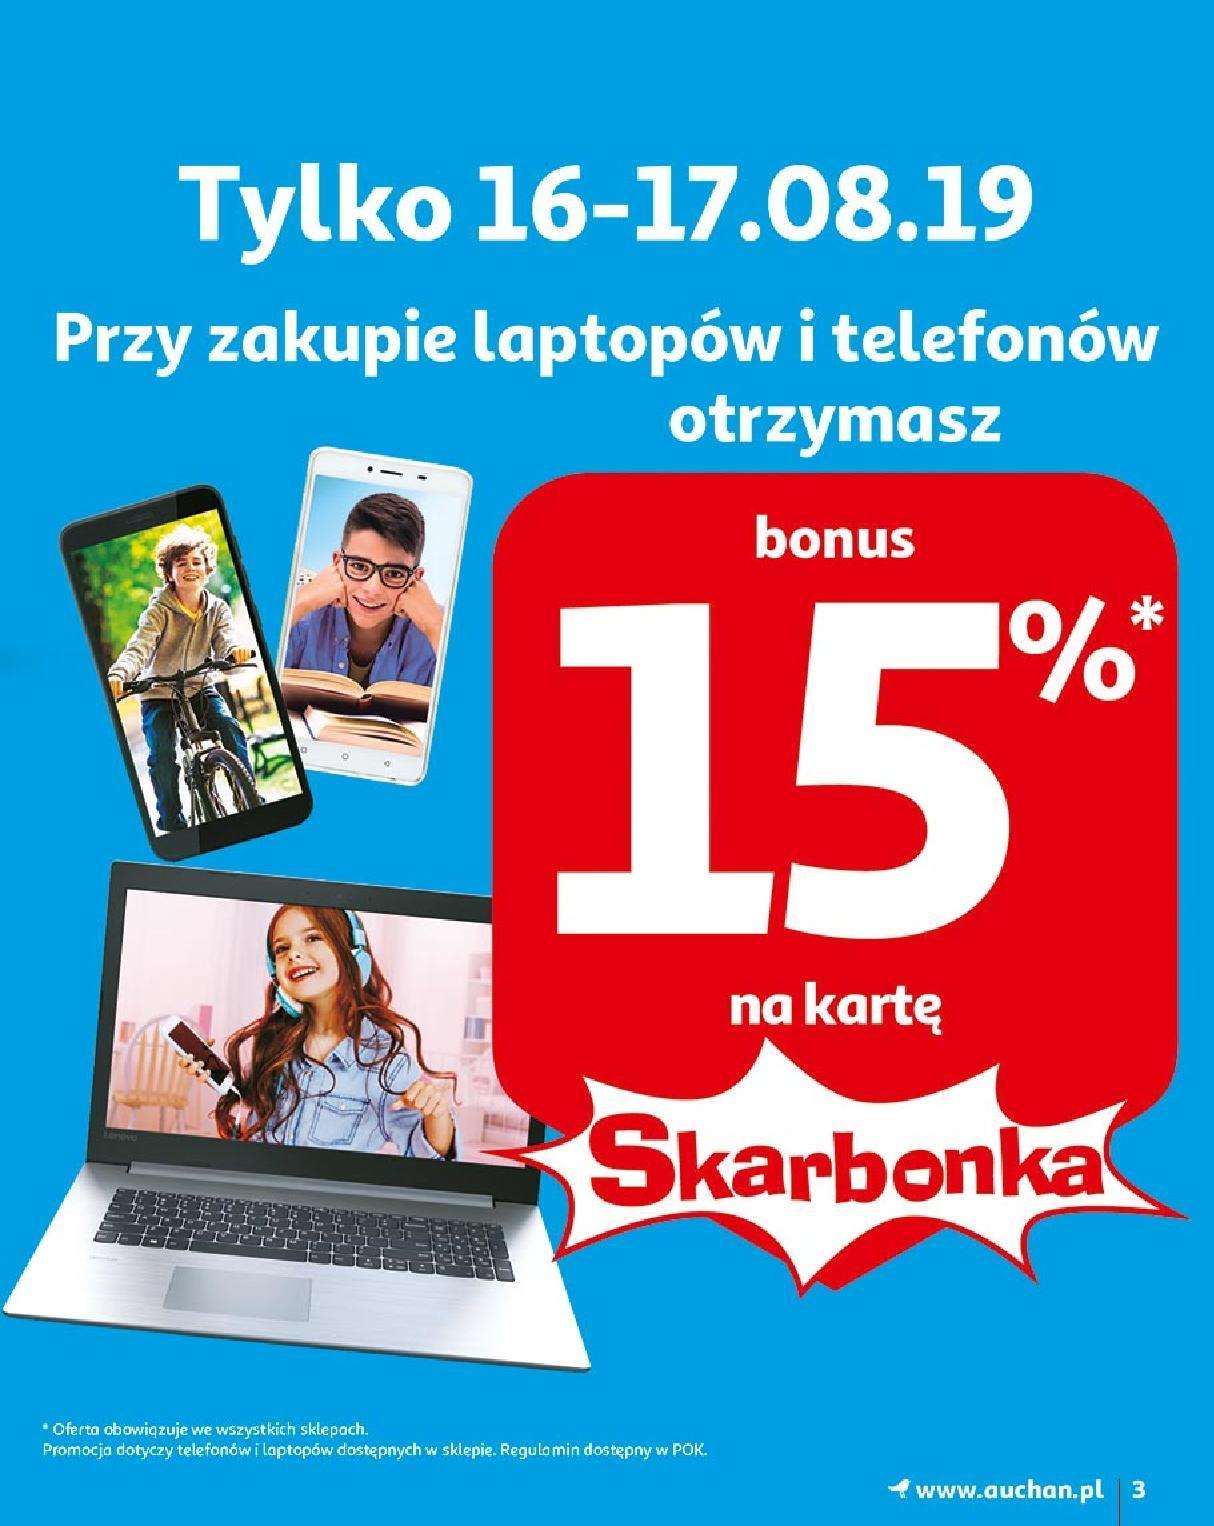 Gazetka promocyjna Auchan do 21/08/2019 str.3